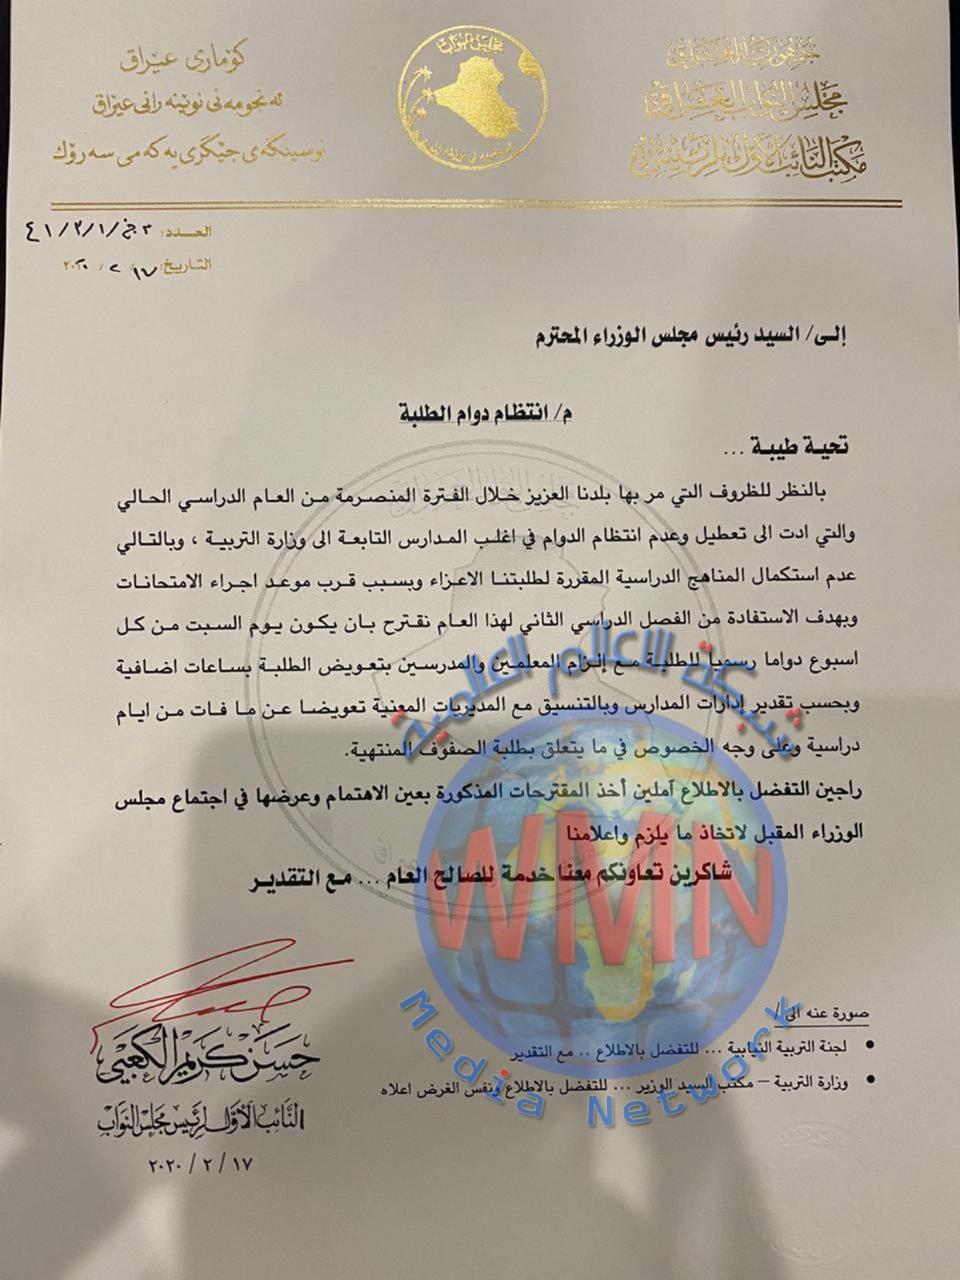 بالوثيقة.. رئاسة البرلمان تقترح أن يكون يوم السبت دواما رسميا للصفوف المنتهية